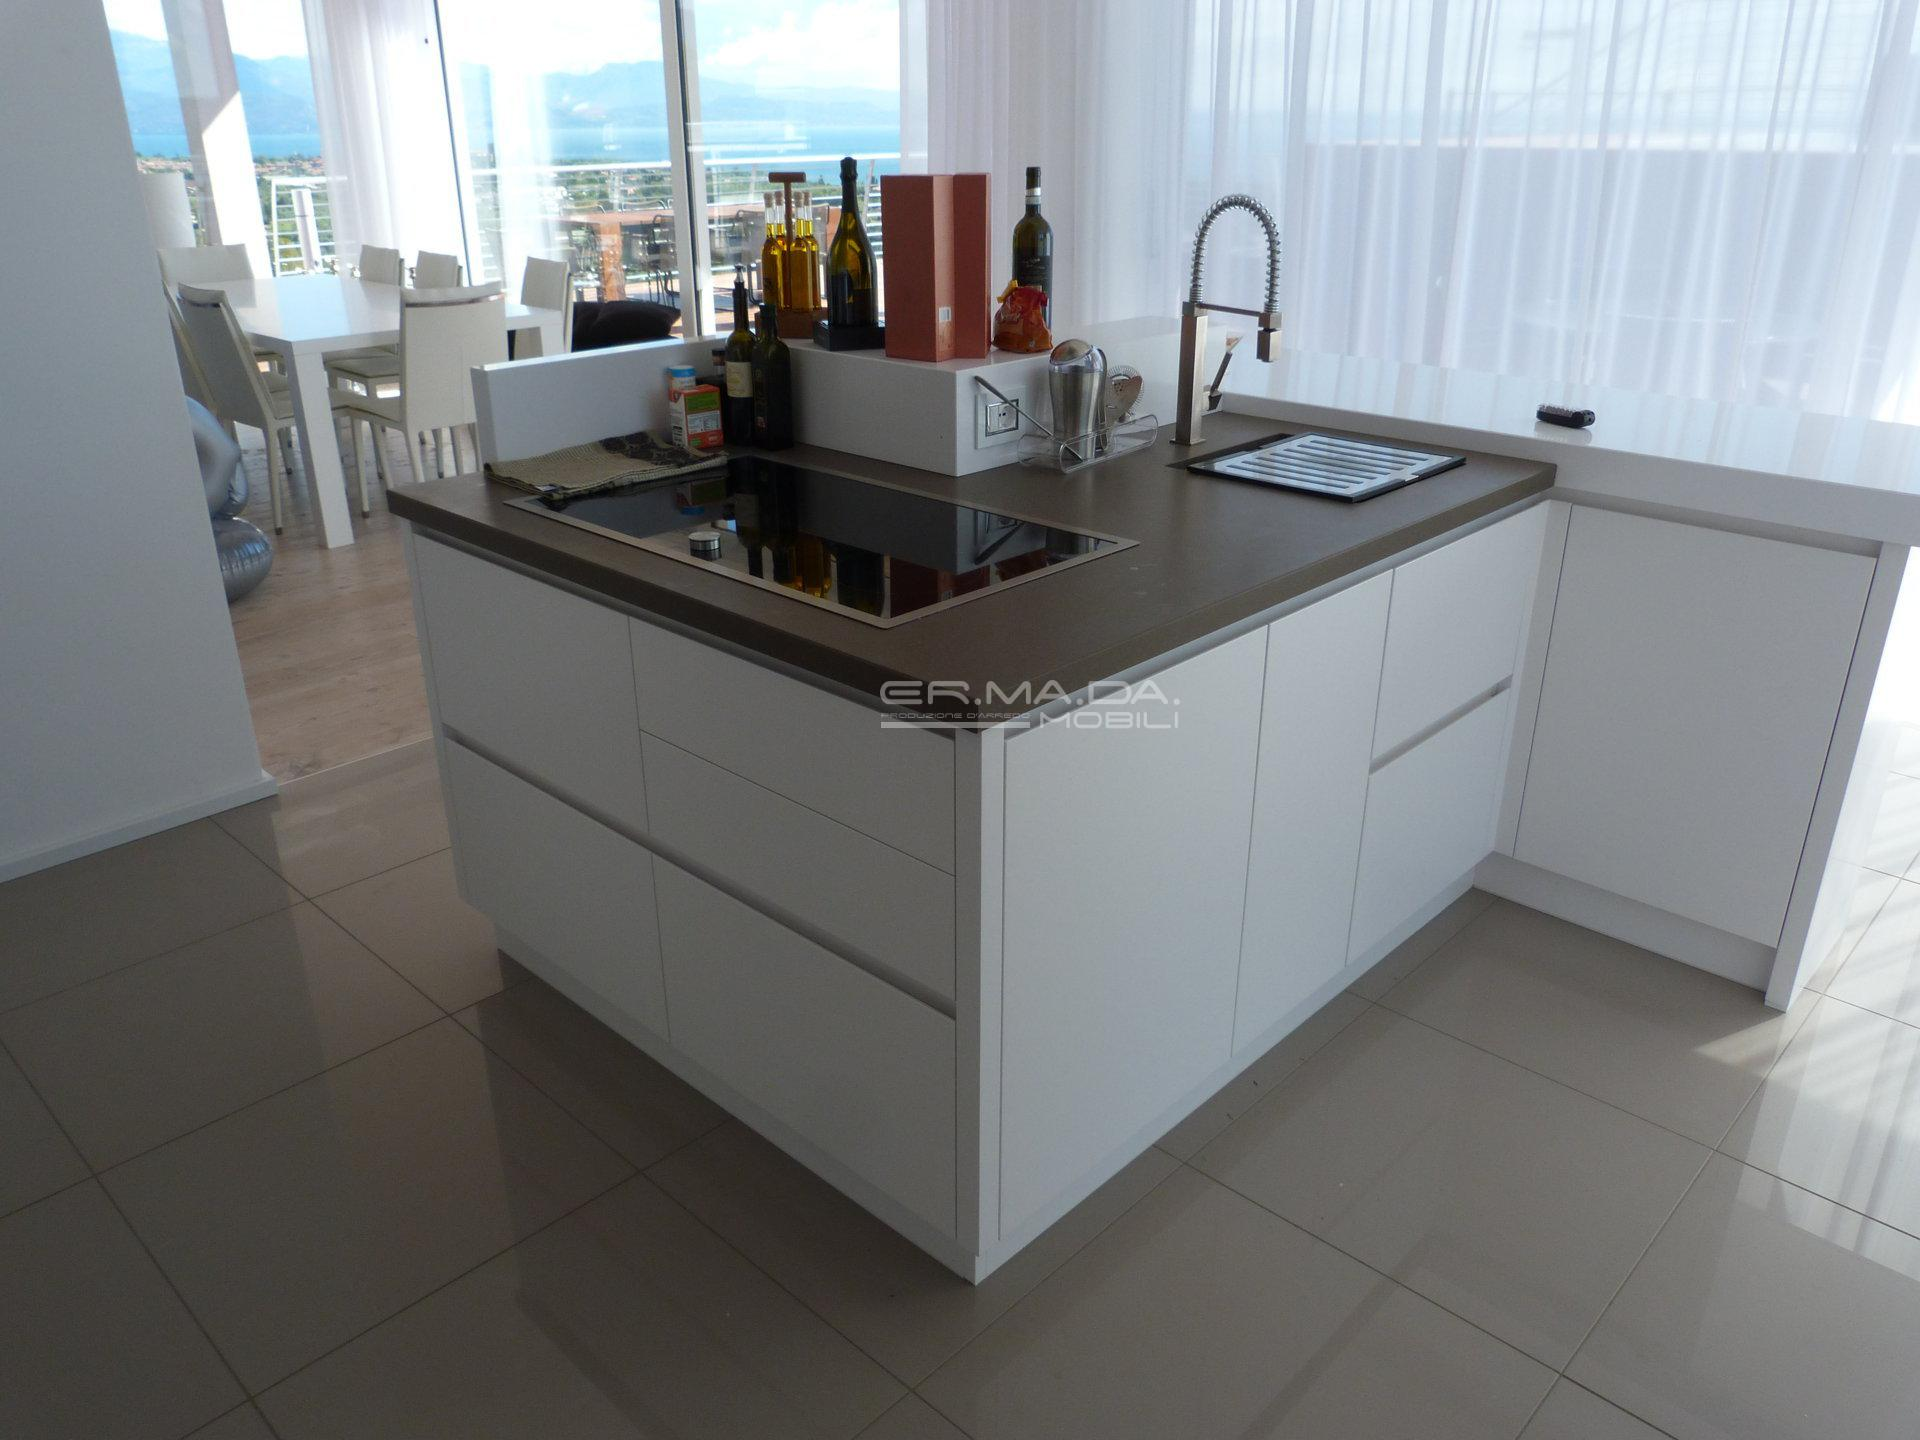 2 cucina moderna bianco opaco er ma da mobilificio for Progetta i tuoi mobili online